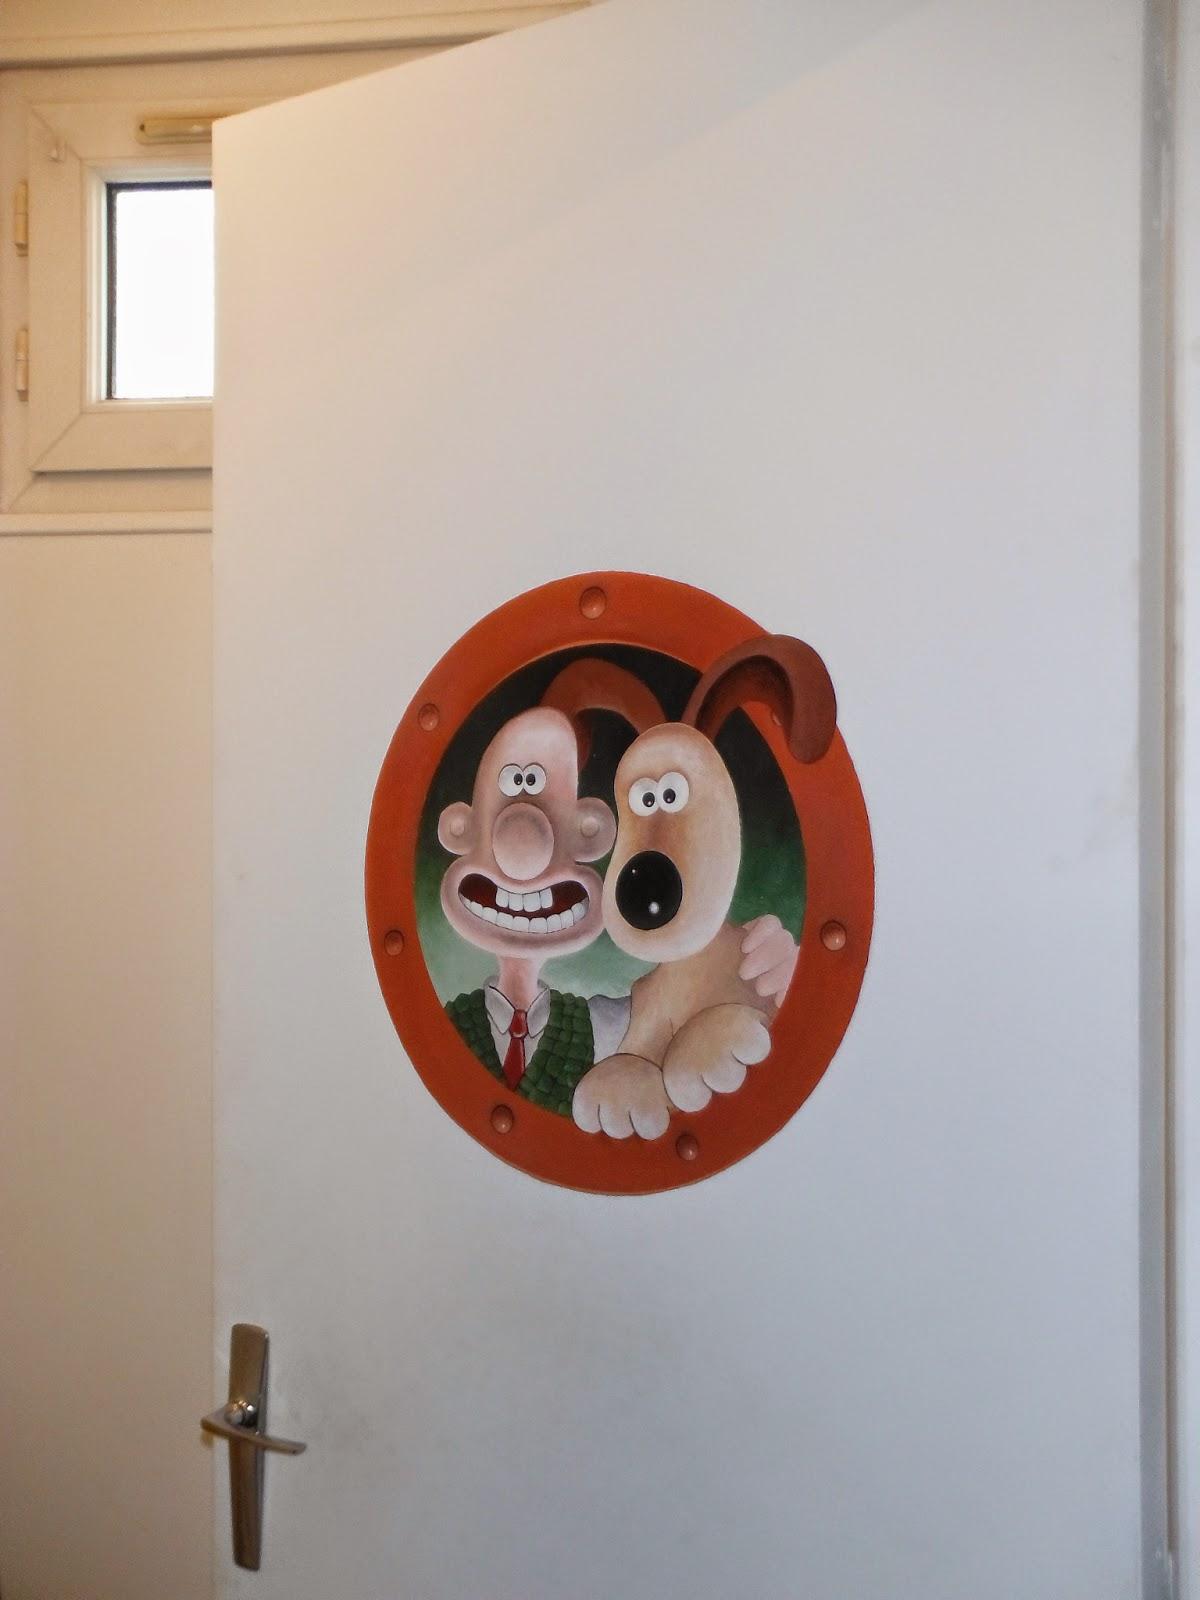 creation fresque murale héros dessin animé disney pour chambre enfant par l'artiste peintre severine peugniez